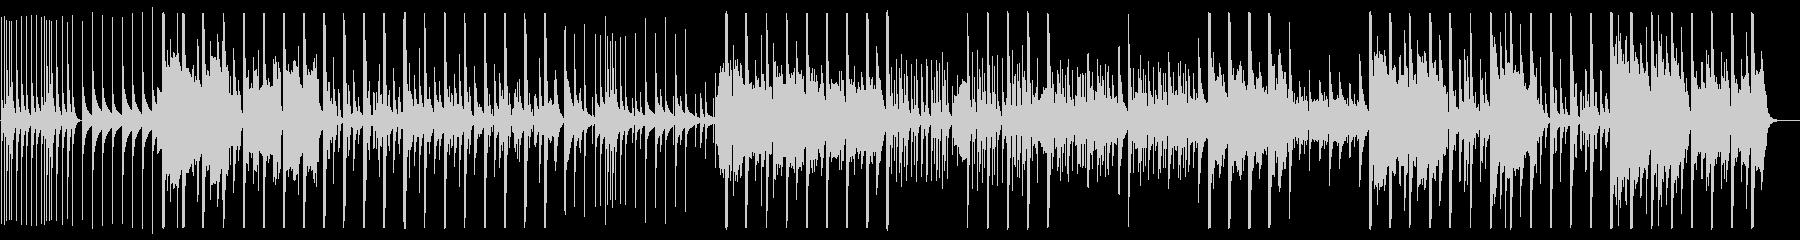 鉄琴やストリングスによる切ない楽曲の未再生の波形